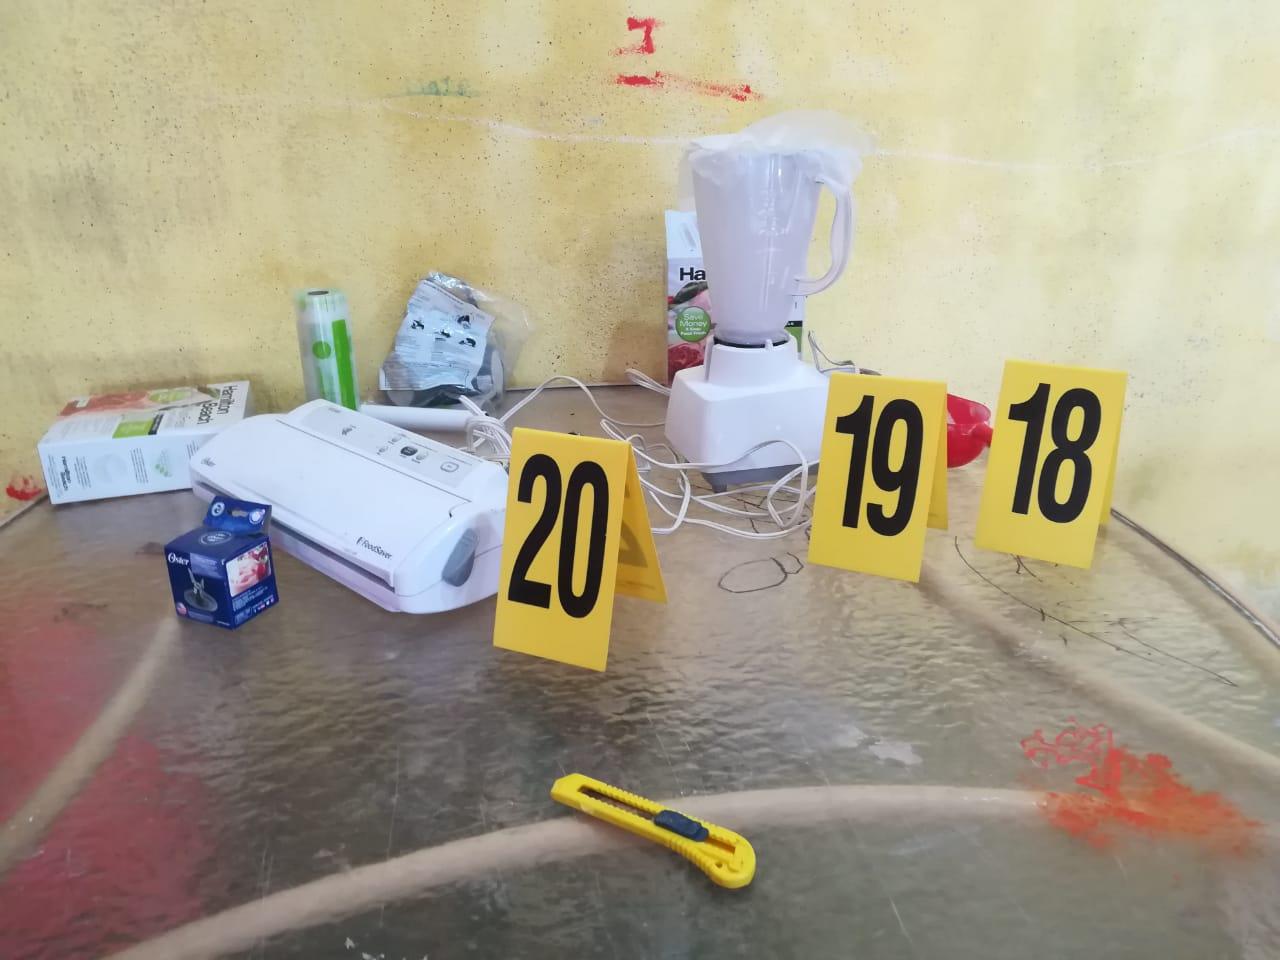 Personal antinarcóticos revisa inmueble donde hallaron un laboratorio clandestino. (Foto Prensa Libre: Cortesía)